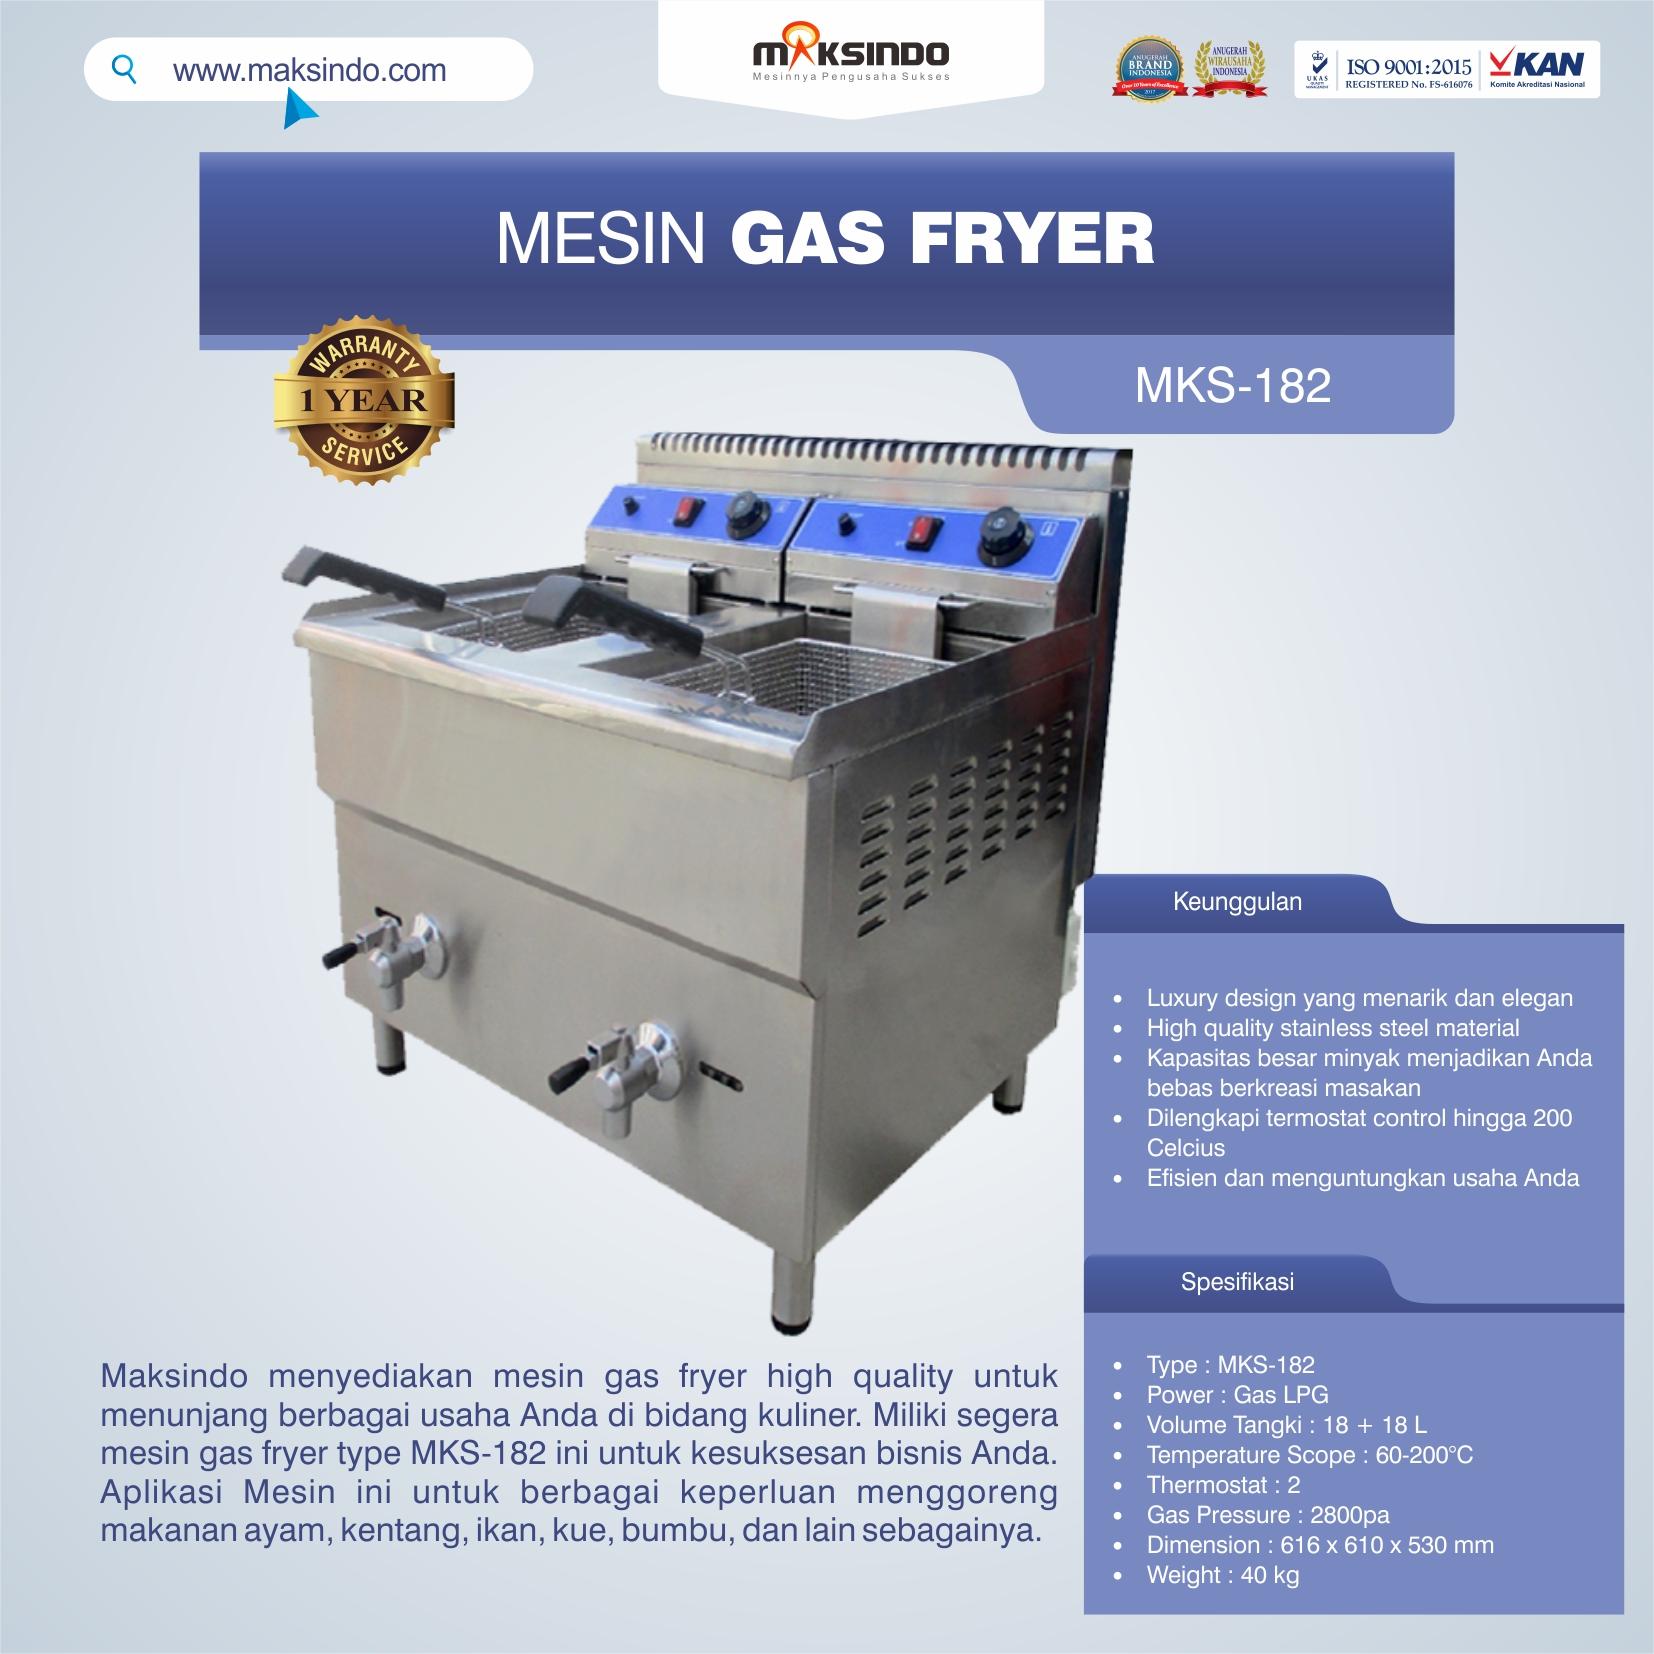 Jual Mesin Gas Fryer (MKS-182) di Palembang